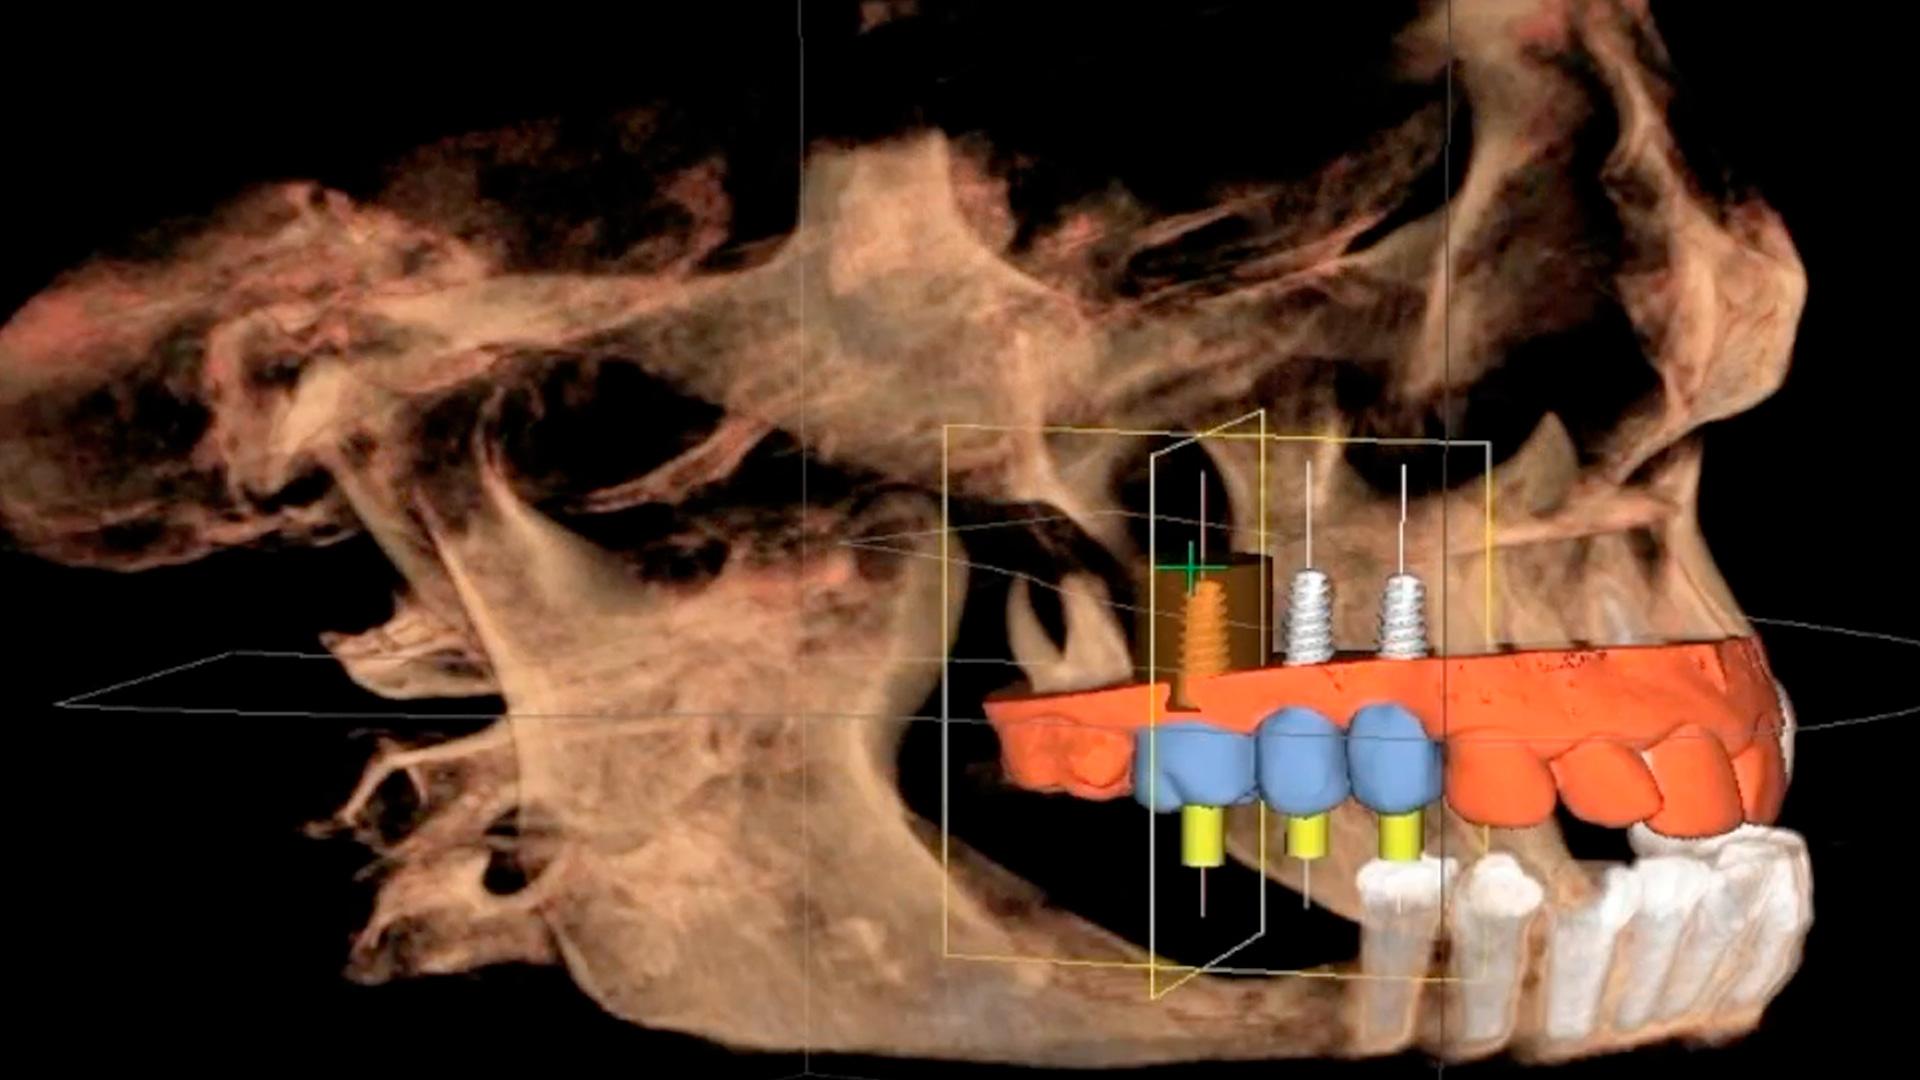 <p>En esta Masterclass <strong>Odontolog&iacute;a digital: la clave para la diferenciaci&oacute;n</strong>, impartida por el doctor Carlos Barrado, analizaremos un tema que cada vez consideramos m&aacute;s importante: la <strong>odontolog&iacute;a digital</strong> como herramienta para la diferenciaci&oacute;n.<br /> <br /> La digitalizaci&oacute;n de la cl&iacute;nica dental nos permite trabajar de forma &oacute;ptima en la atenci&oacute;n y el tratamiento de nuestros pacientes, ahondando en la excelencia. La <strong>odontolog&iacute;a digital</strong> nos permite trabajar con un flujo de trabajo m&aacute;s r&aacute;pido y preciso. Gracias a esta Masterclass, <strong>Odontolog&iacute;a digital: la clave para la diferenciaci&oacute;n</strong>, podr&aacute;s conocer y profundizar en las &uacute;ltimas tecnolog&iacute;as en <strong>odontolog&iacute;a digital</strong>. Conocer a fondo estas tecnolog&iacute;as te facilitar&aacute; tu trabajo como odont&oacute;logo obteniendo mejores resultados en todos los tratamientos de tu cl&iacute;nica dental.<br /> <br /> Todas nuestras Masterclass est&aacute;n impartidas por los mayores expertos en odontolog&iacute;a. Gracias a nuestra Masterclass&nbsp;<strong>Odontolog&iacute;a digital: la clave para la diferenciaci&oacute;n</strong>&nbsp;y otras como esta, que forman parte de la serie&nbsp;<strong>Nuevas tecnolog&iacute;as en implantolog&iacute;a</strong>, podr&aacute;s desarrollar y actualizar tus conocimientos sobre las tecnolog&iacute;as m&aacute;s avanzadas en diagn&oacute;stico y cirug&iacute;a odontol&oacute;gica, alcanzando diferentes campos de la <strong>odontolog&iacute;a digital</strong>, alcanzando una formaci&oacute;n avanzada y permiti&eacute;ndote profundizar en&nbsp;los aspectos a tener en cuenta en la colocaci&oacute;n de implantes dentales con criterios cient&iacute;ficos y de excelencia, abordando las &uacute;ltimas tendencias y t&eacute;cnicas m&aacute;s actuales en el sector odontol&oacute;gico.<br /> <br /> 